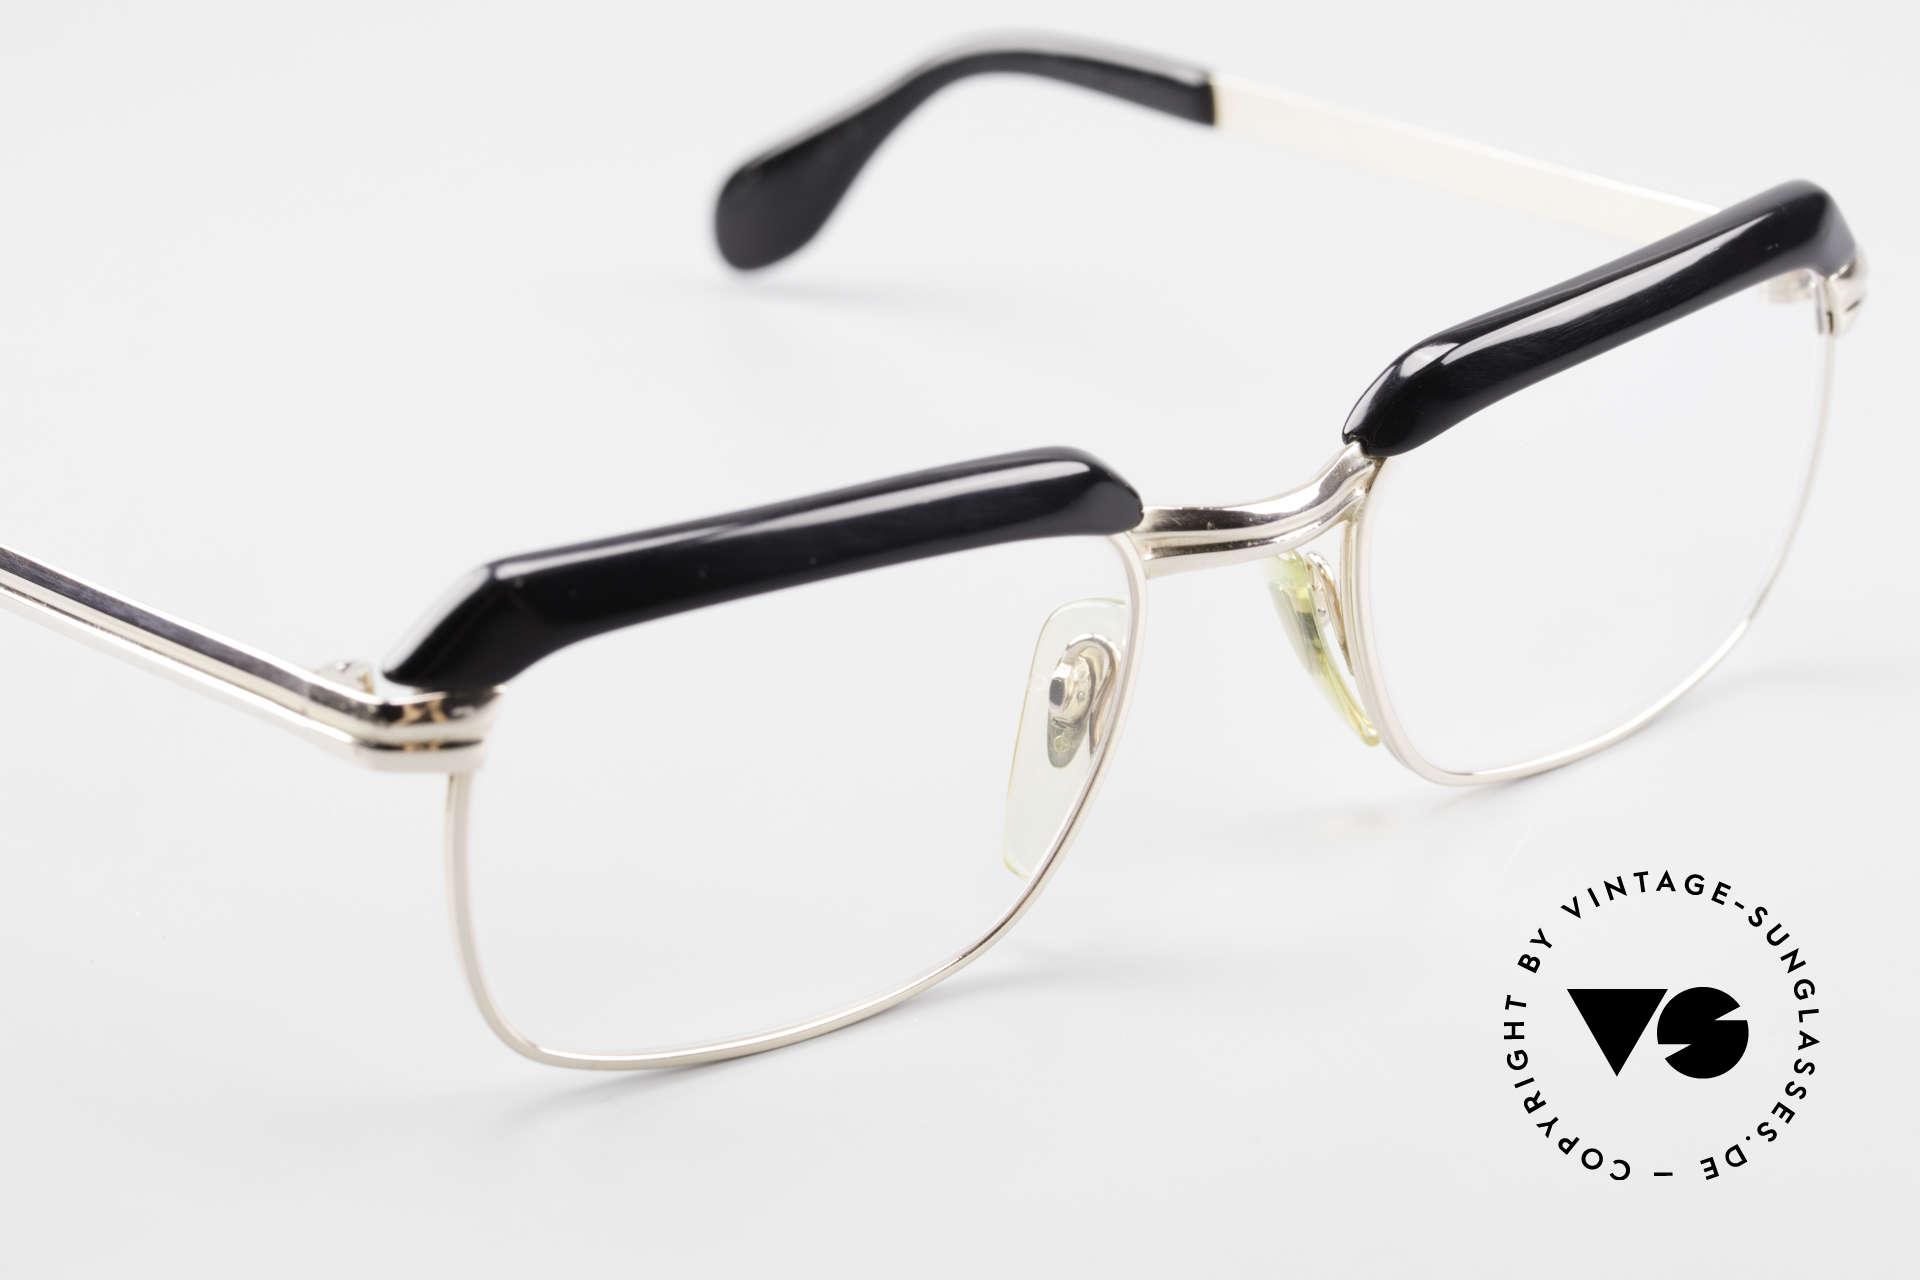 Metzler JK 60er Jahre Golddoublé Brille, 2nd hand vintage Modell in einem exzellenten Zustand, Passend für Herren